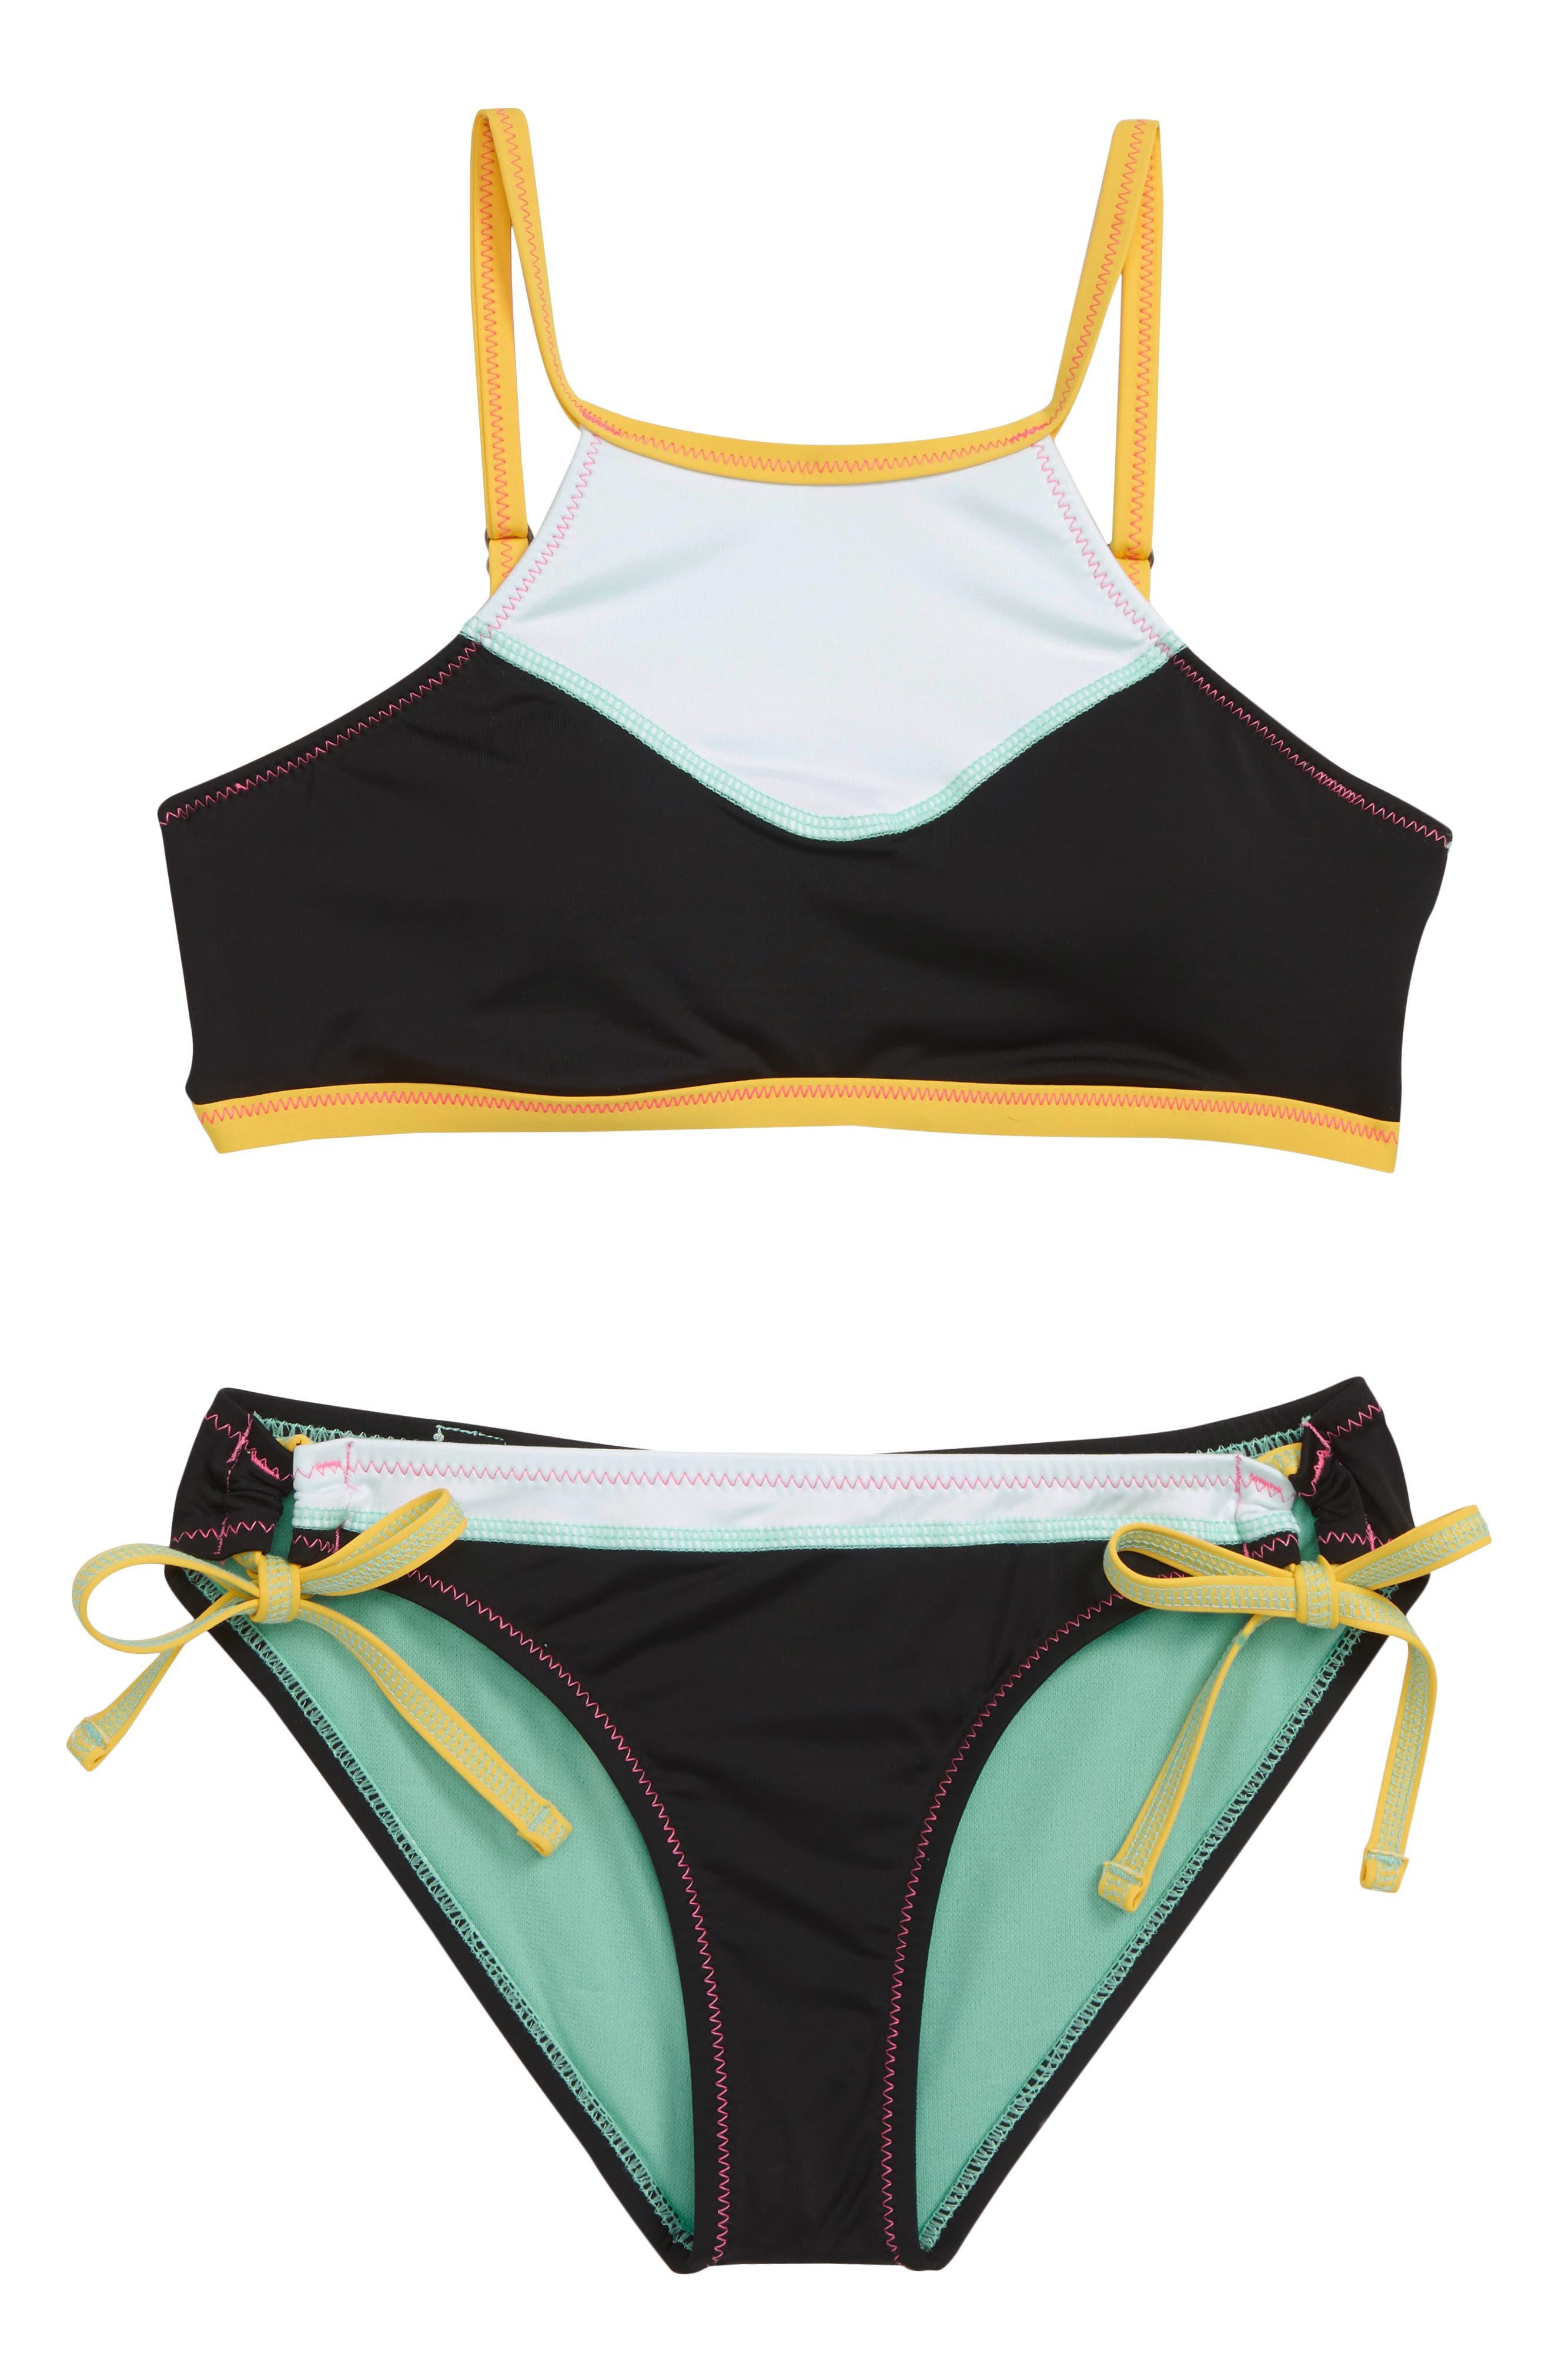 HOBIE, Stitch Perfect Two-Piece Swimsuit, Main thumbnail 1, color, BLACK